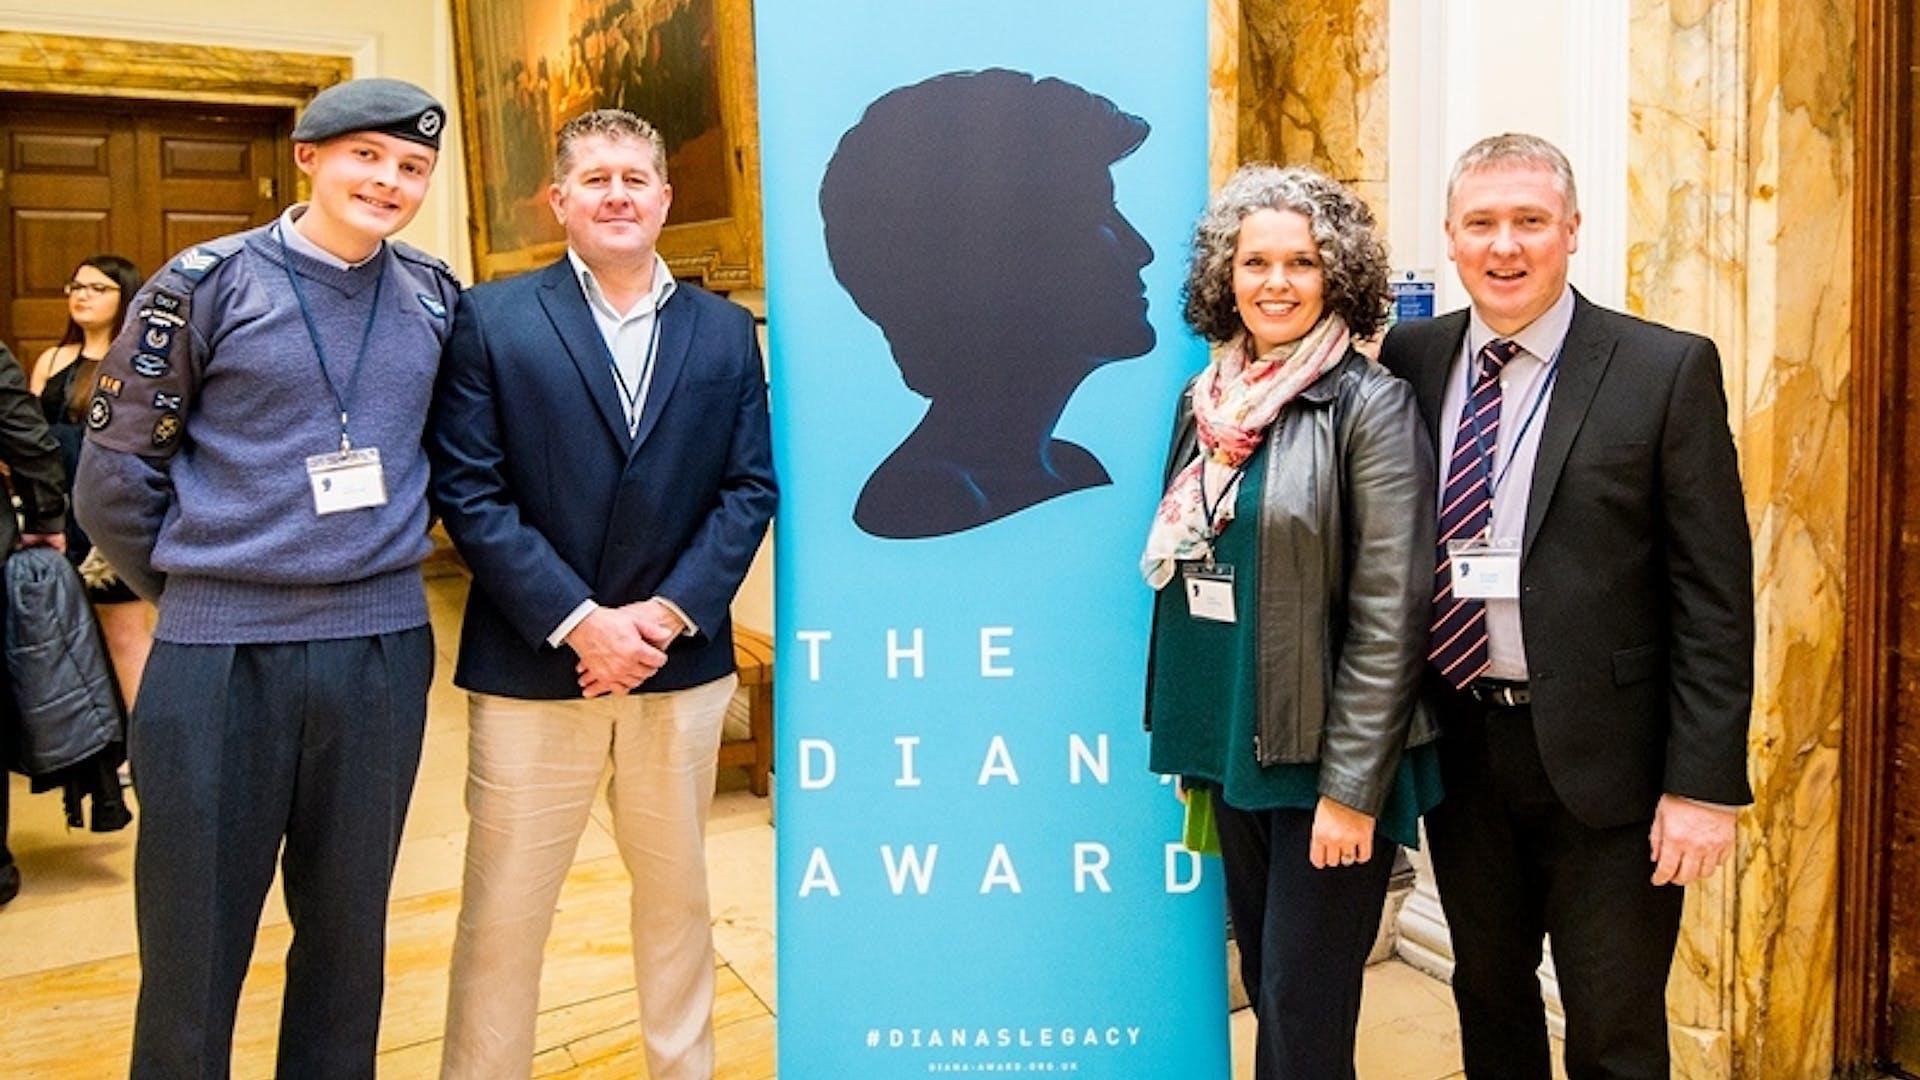 Diana award 2 small